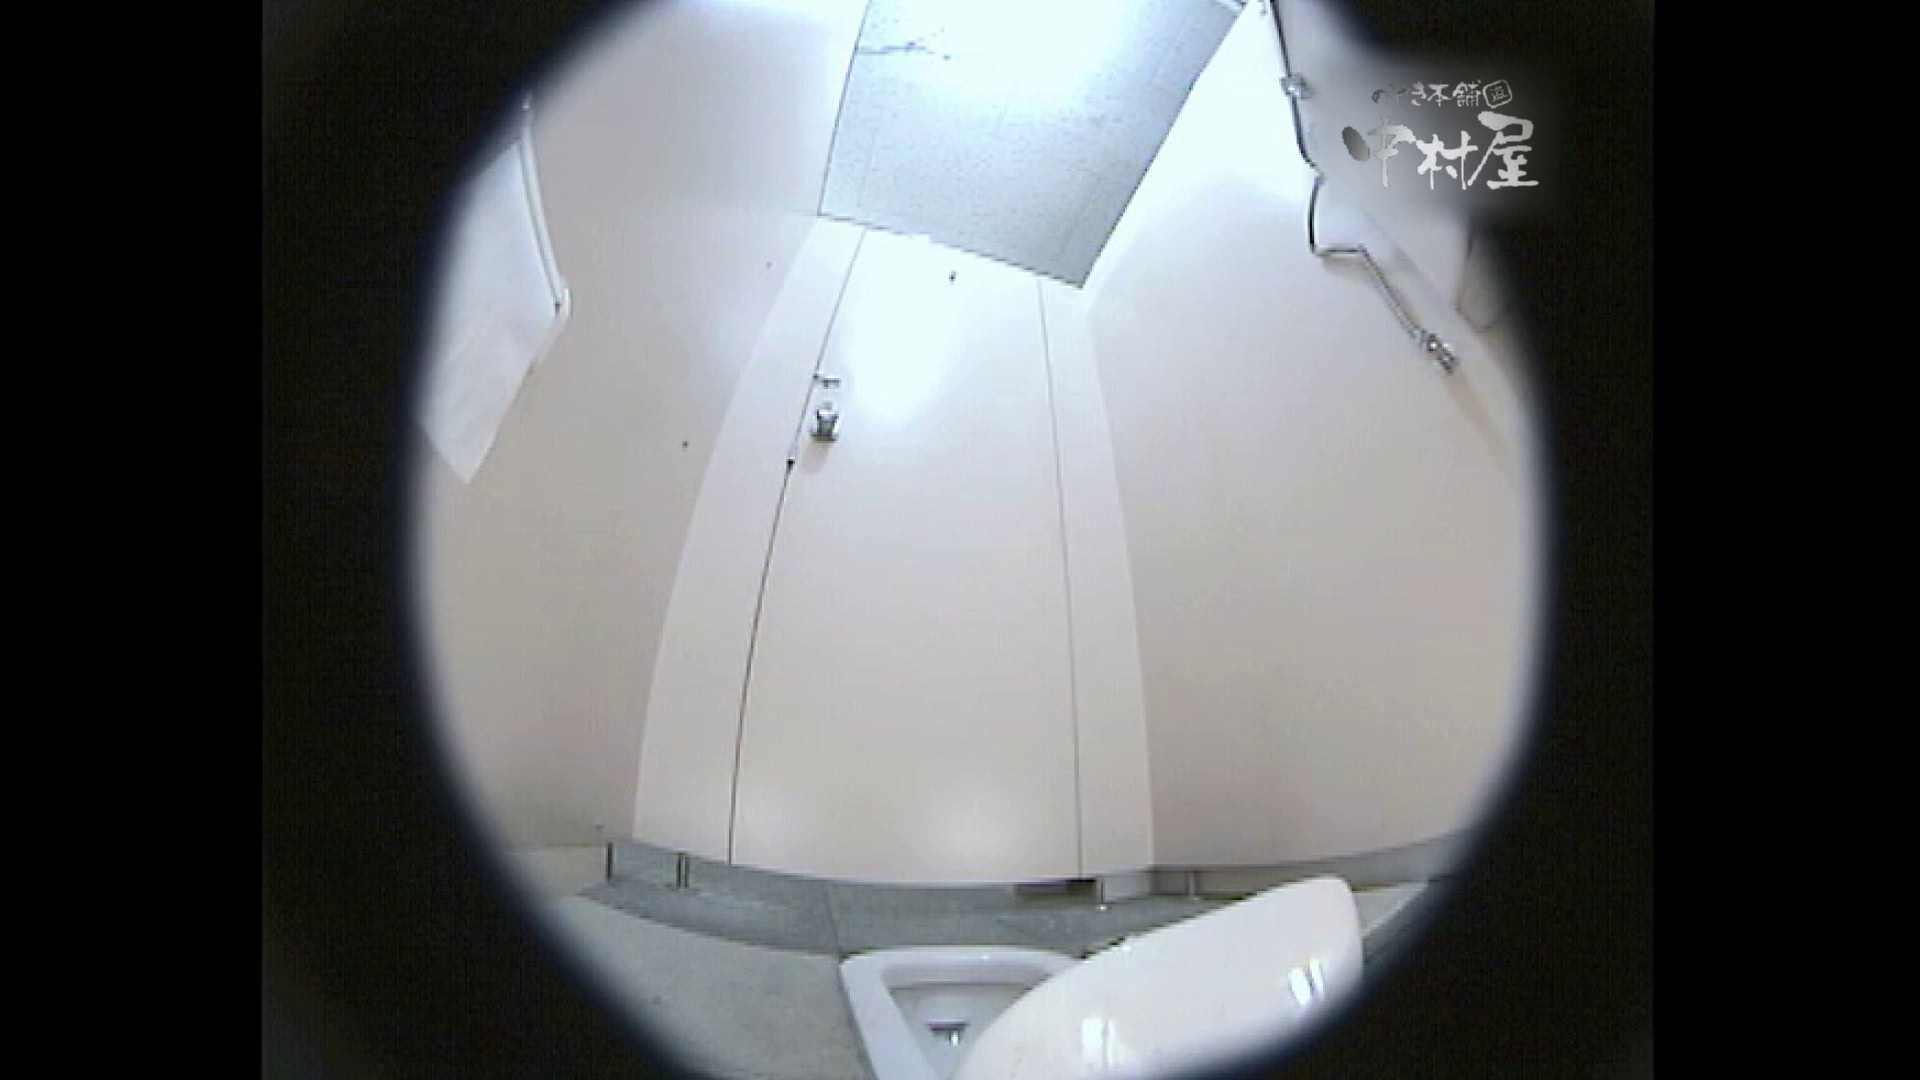 レースクィーントイレ盗撮!Vol.23 美女のカラダ | トイレハメ撮り  10pic 1